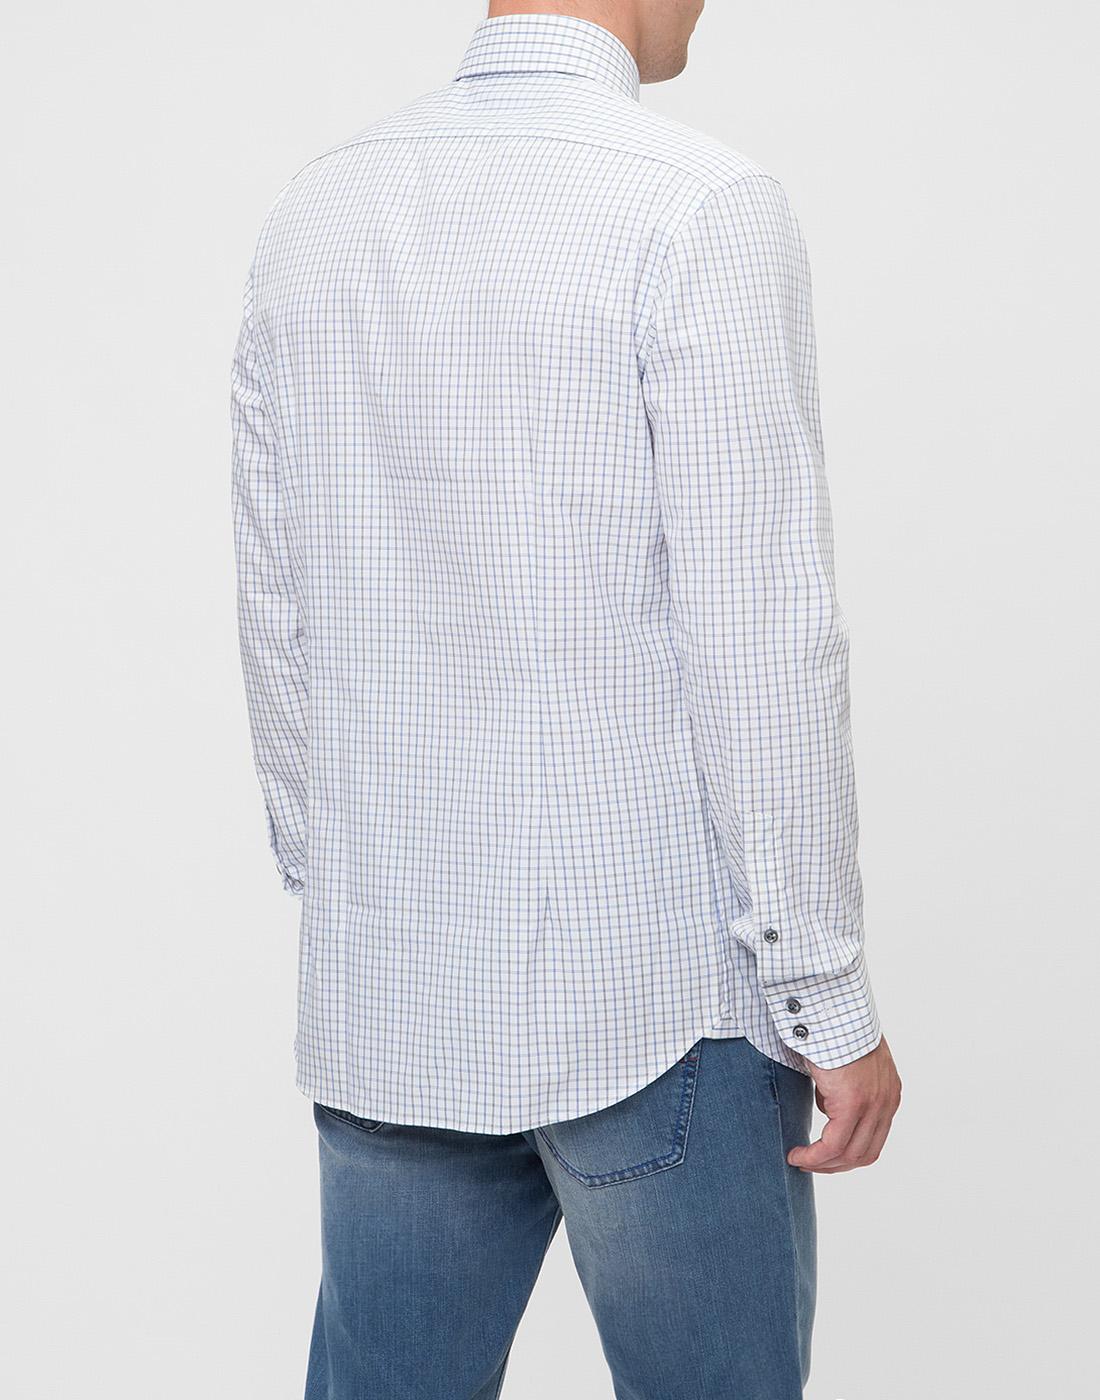 Мужская белая рубашка в клетку Van Laack S151714/007-4